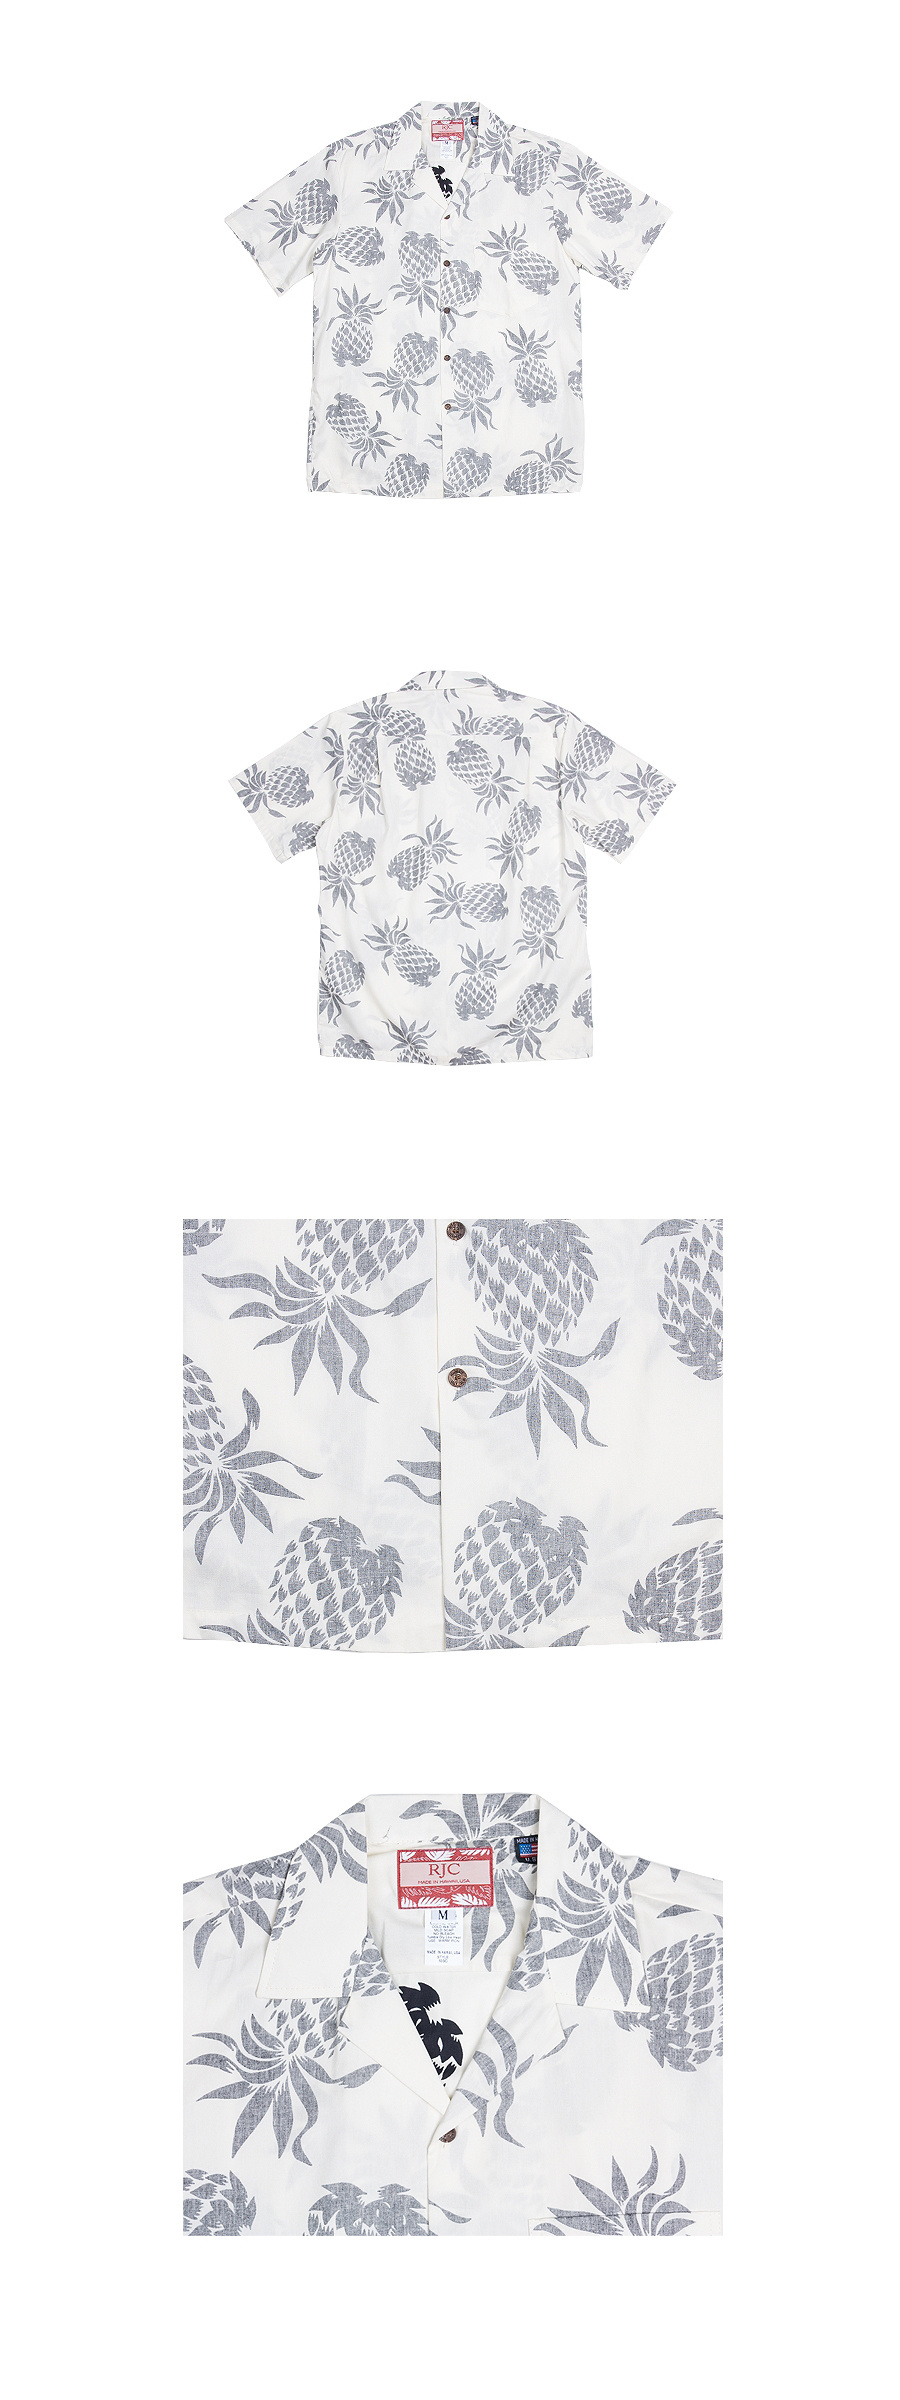 로버트제이씨 하와이(ROBERT J.C HAWAII) 103C.087 Hawaii Shirts [White]